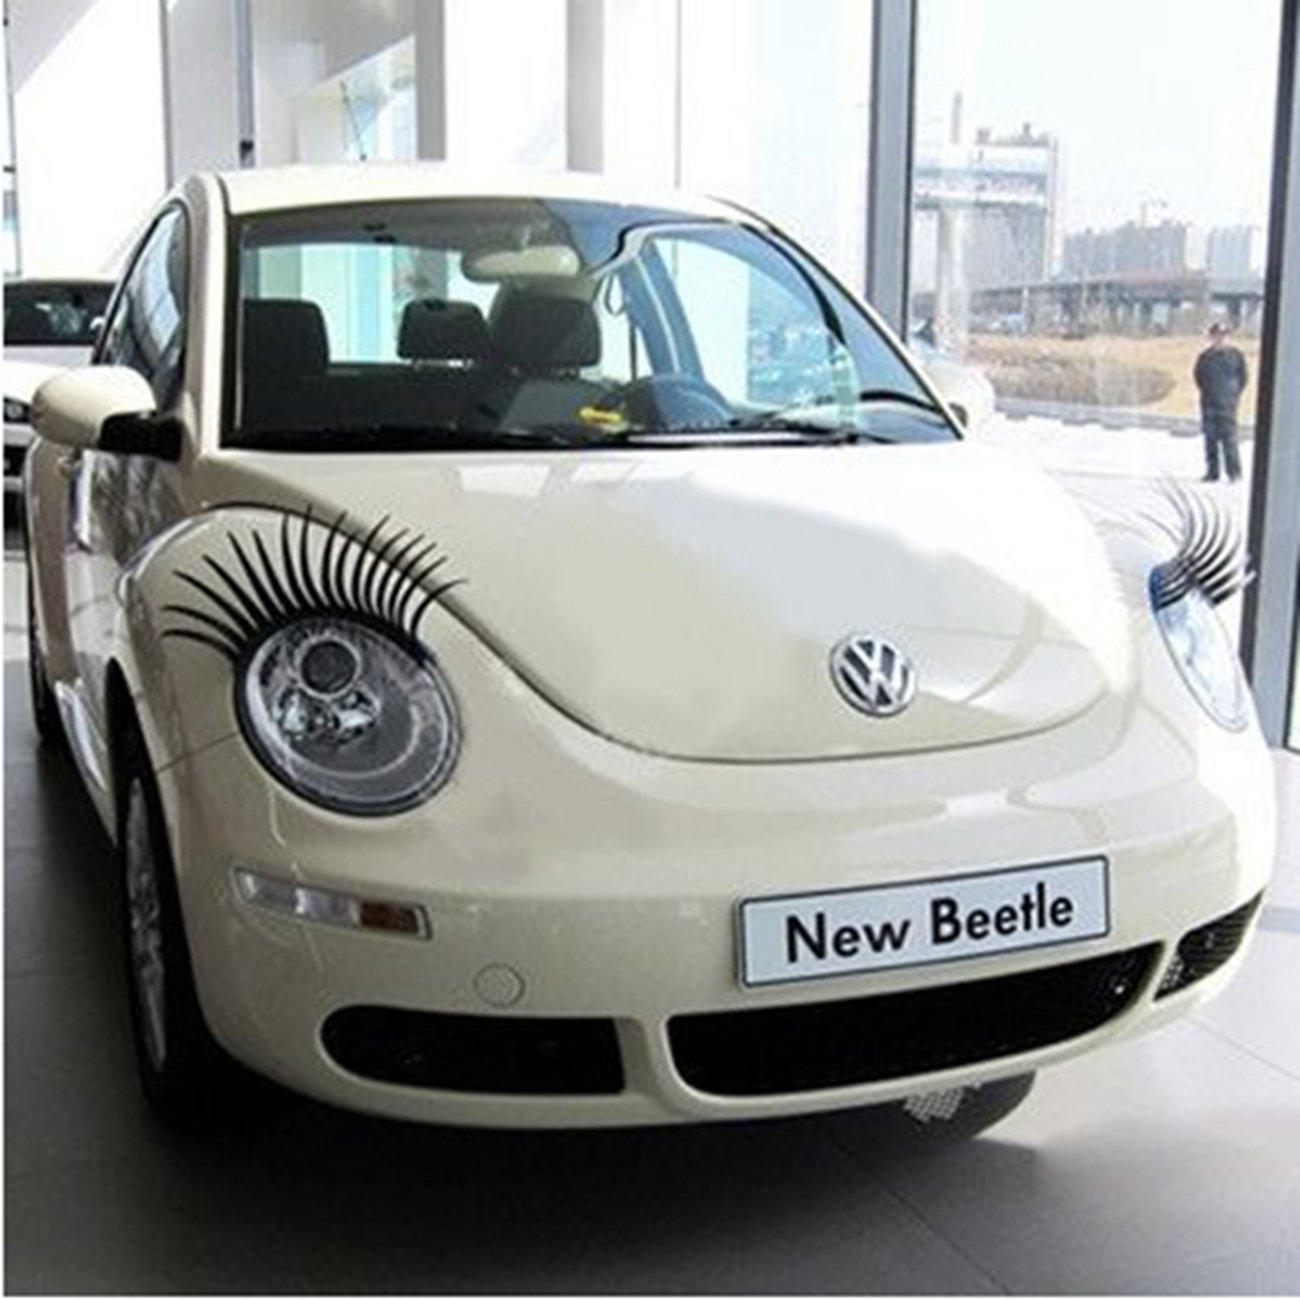 Amazon Sclm Carlashes Car Eyelashes Decorative Fashion